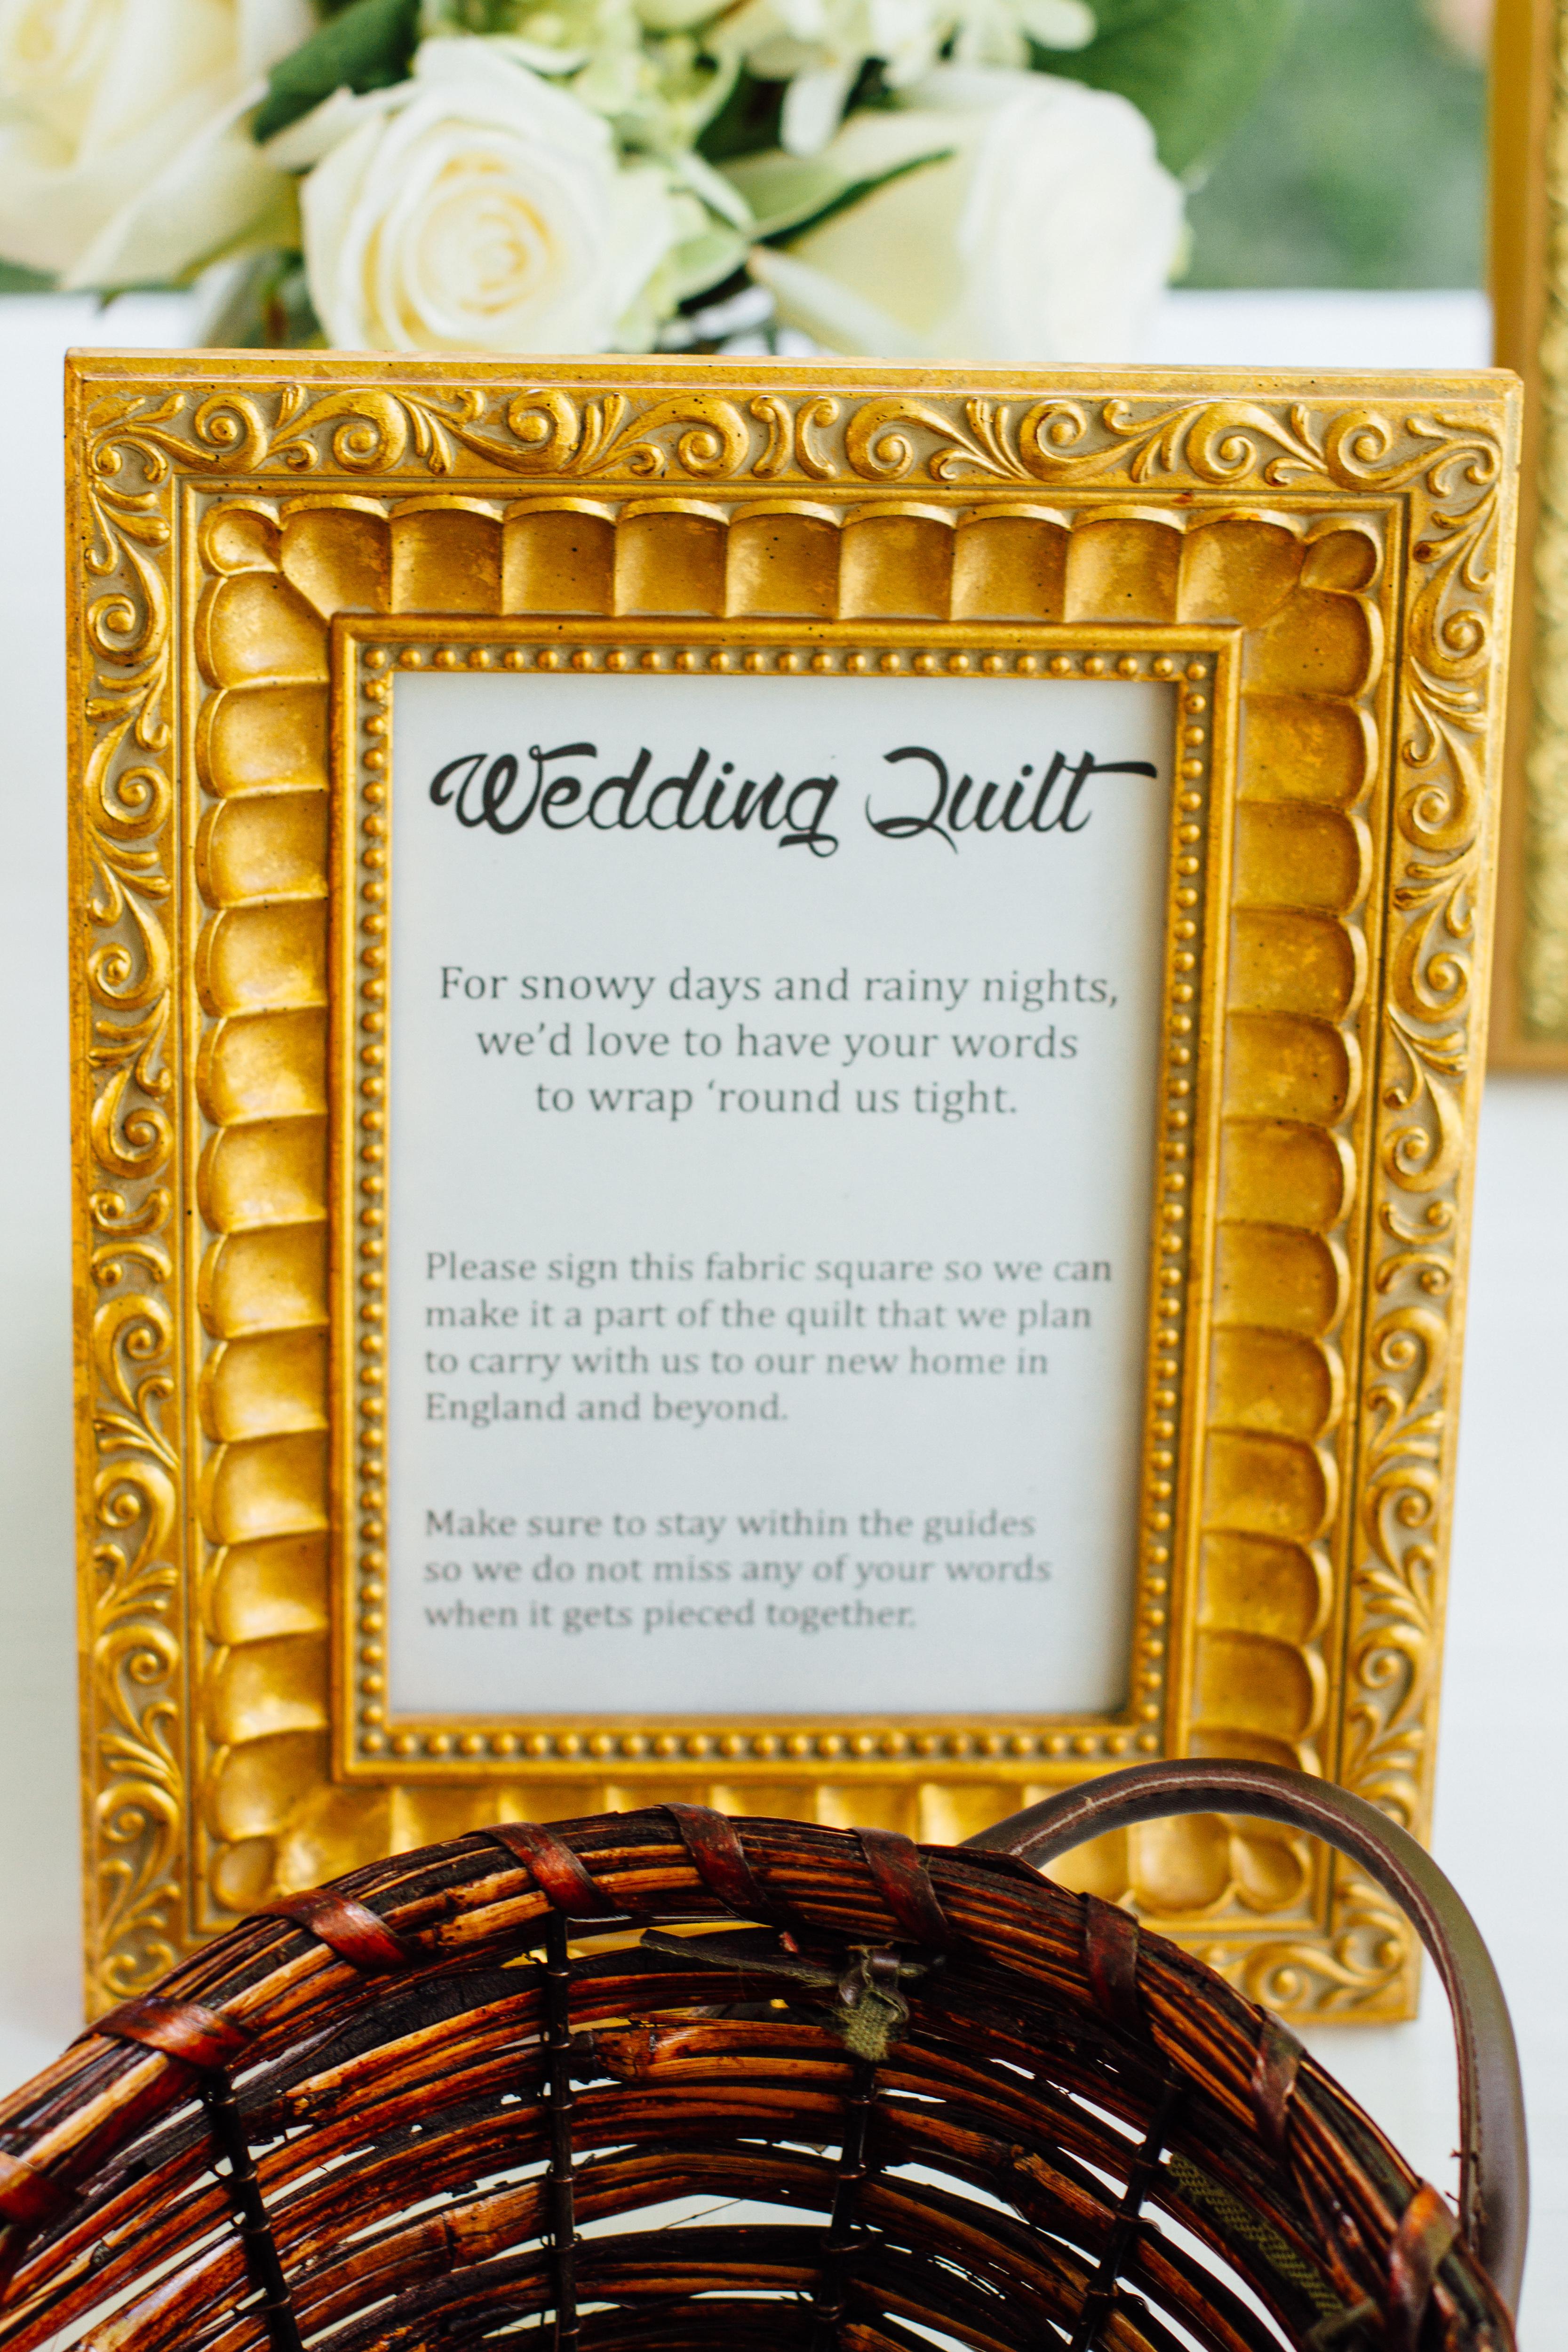 The Wedding Quilt | Wattle We Sew